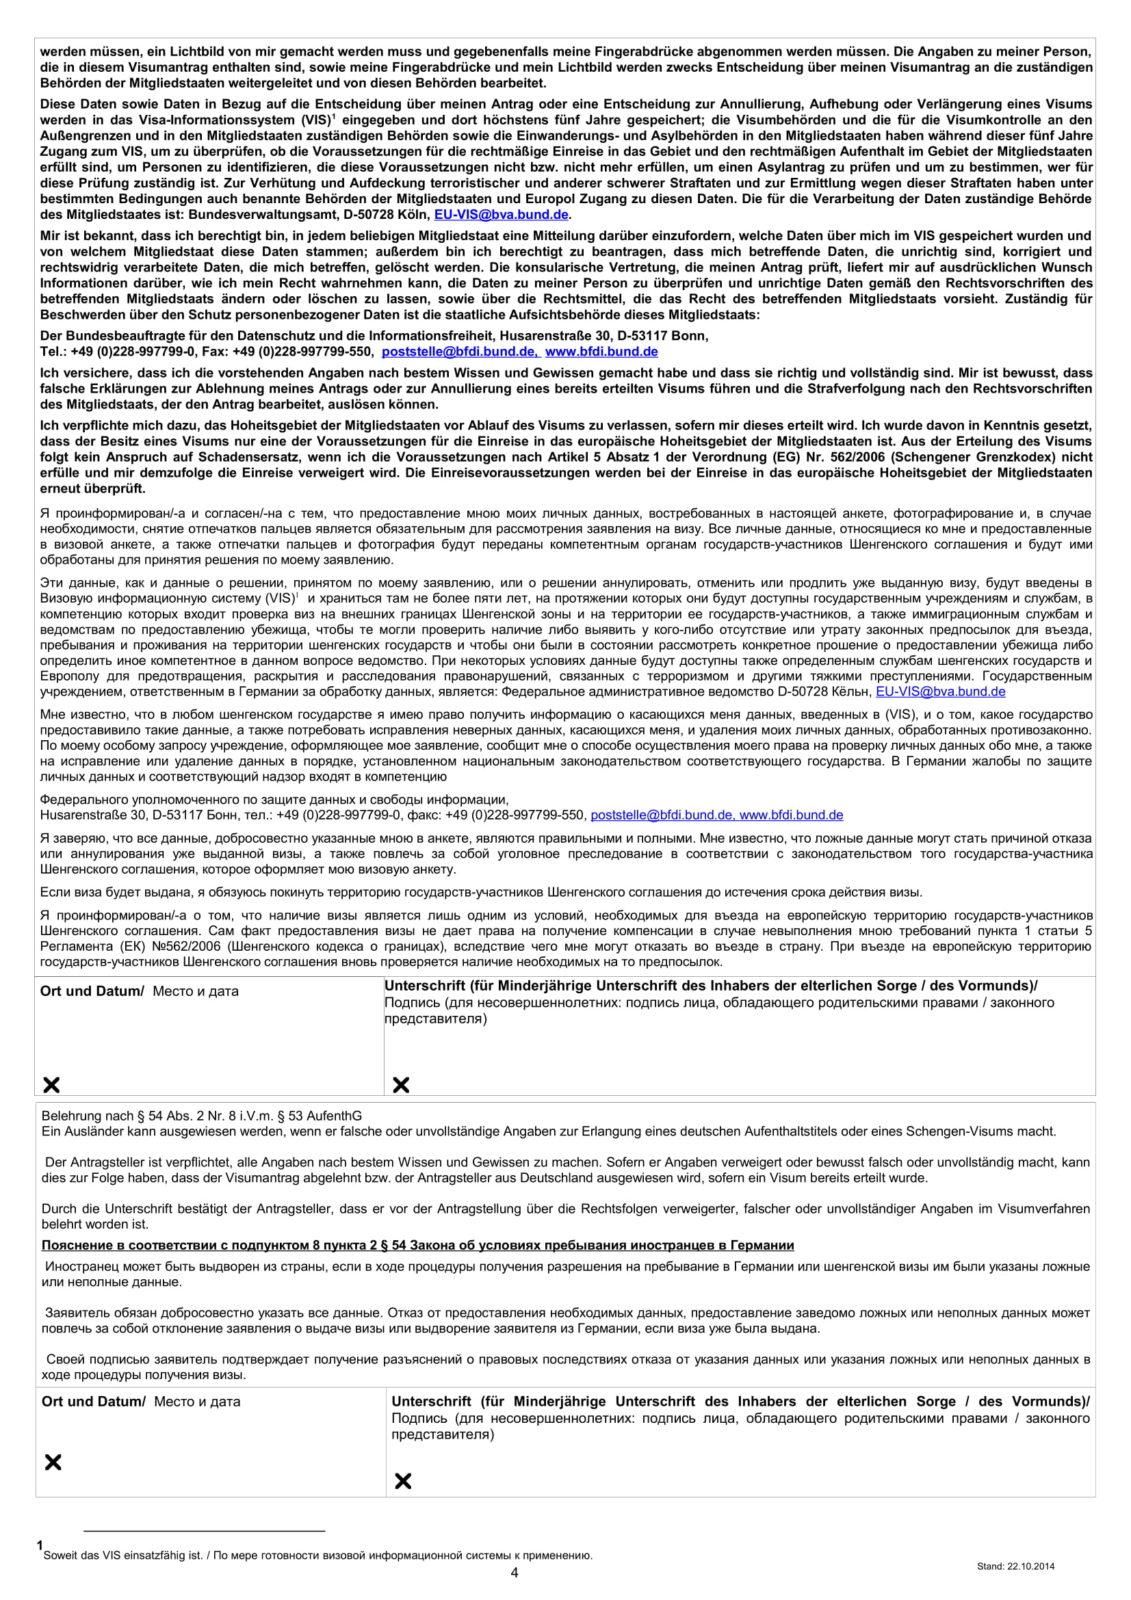 бланк анкеты для визы германия 4